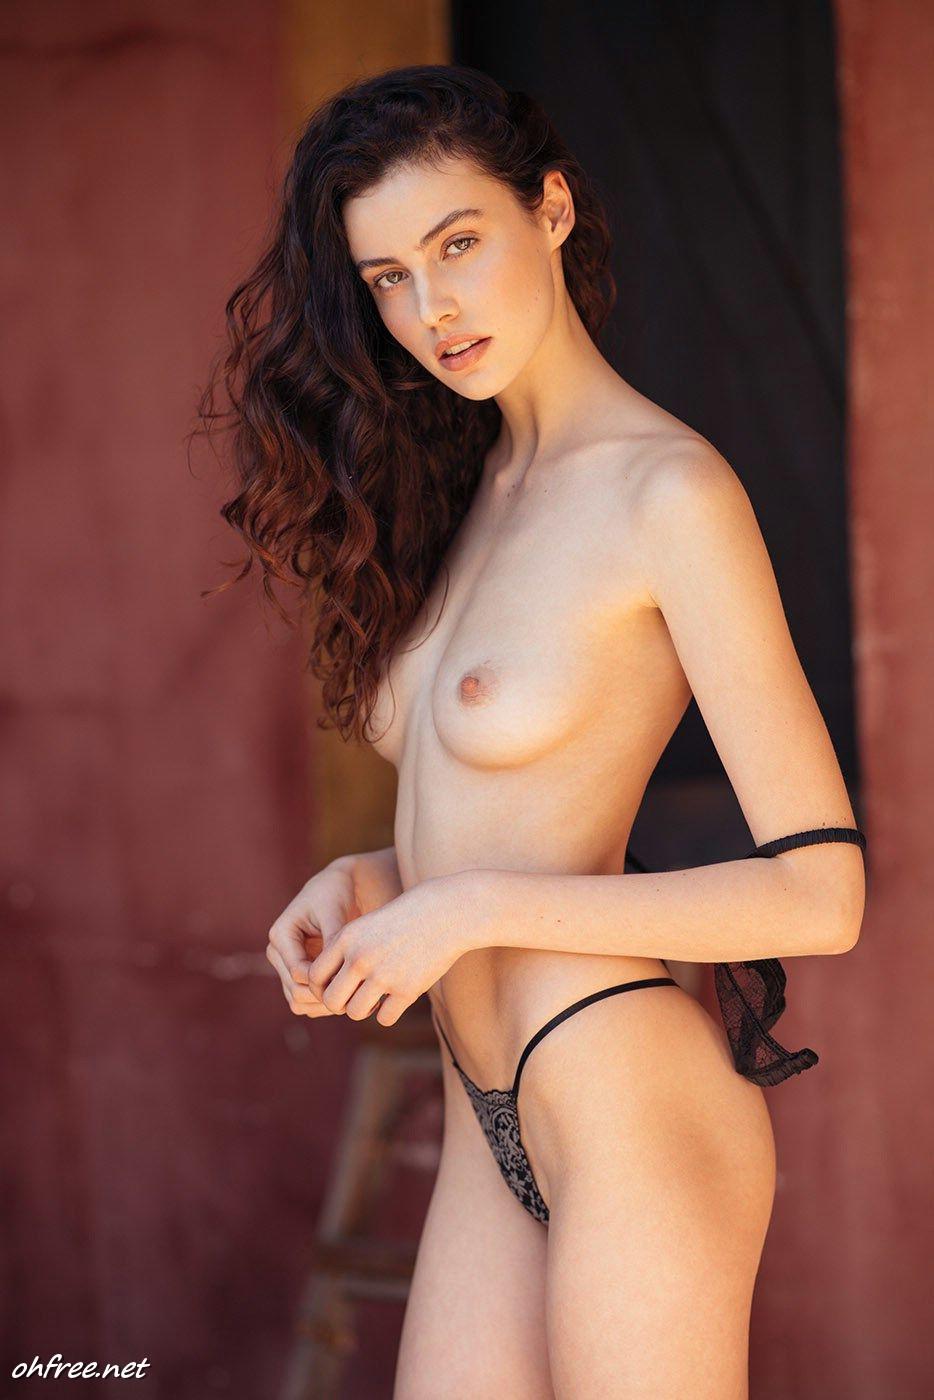 amateur sera nude